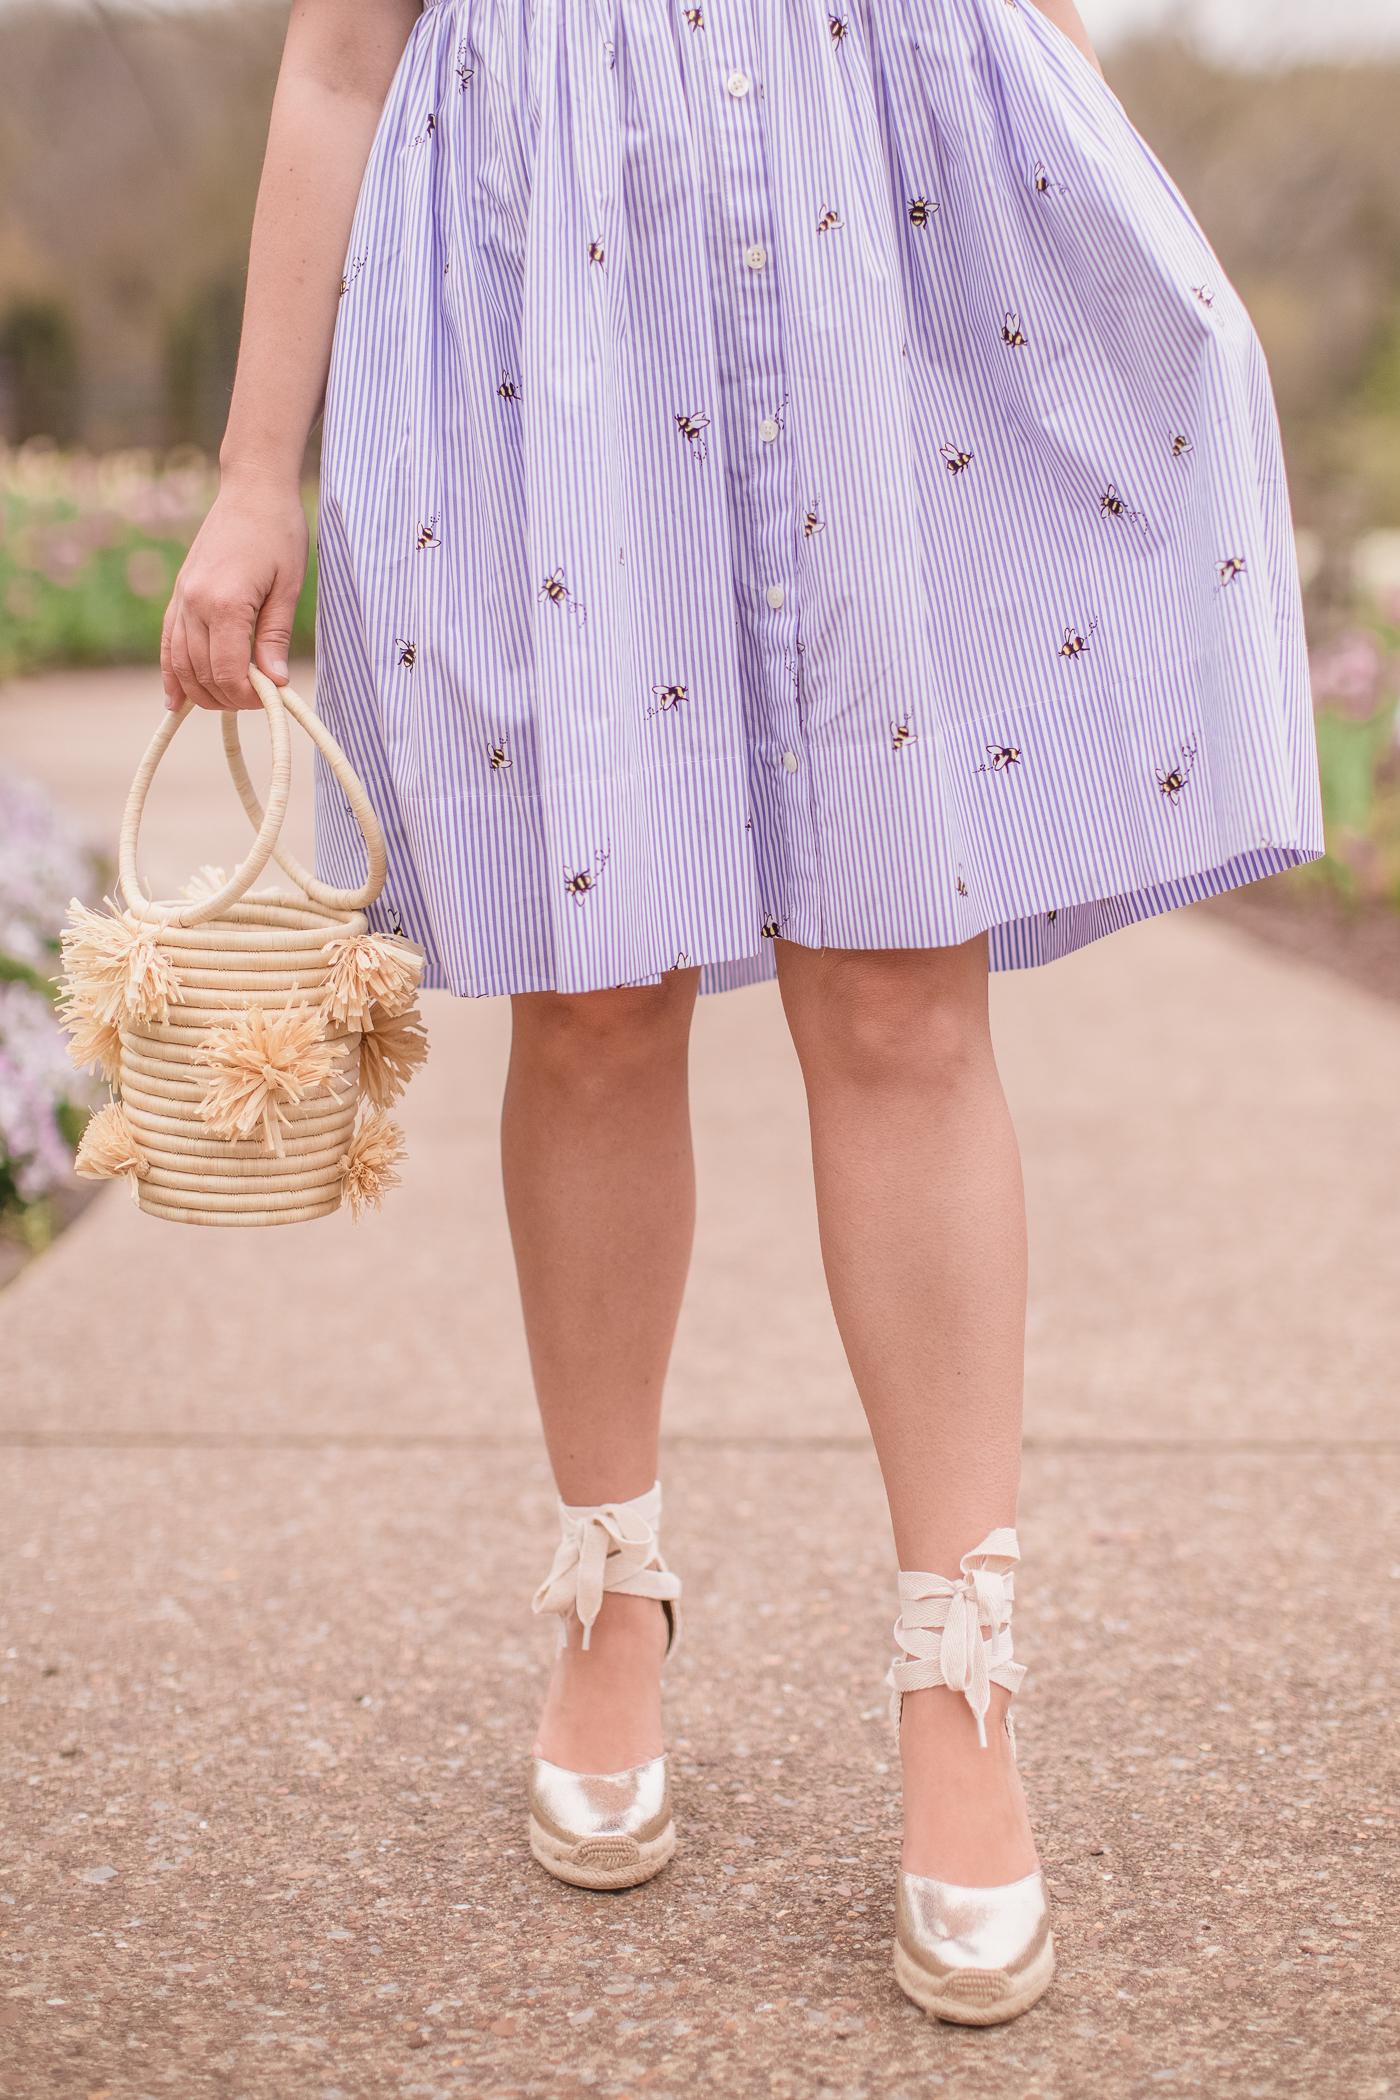 A Buzz Worthy Dress